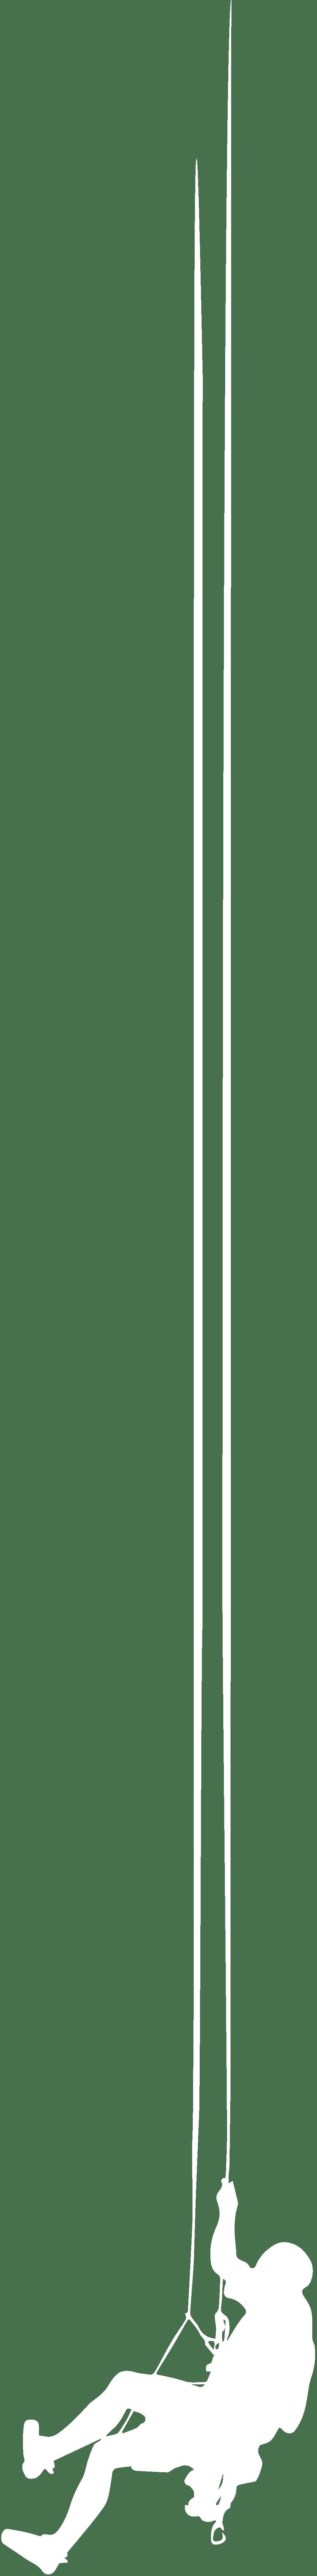 Le Savoir Vert : Elagage & abattage, création & entretien de jardin, Accrobranche & grimpe d'arbres